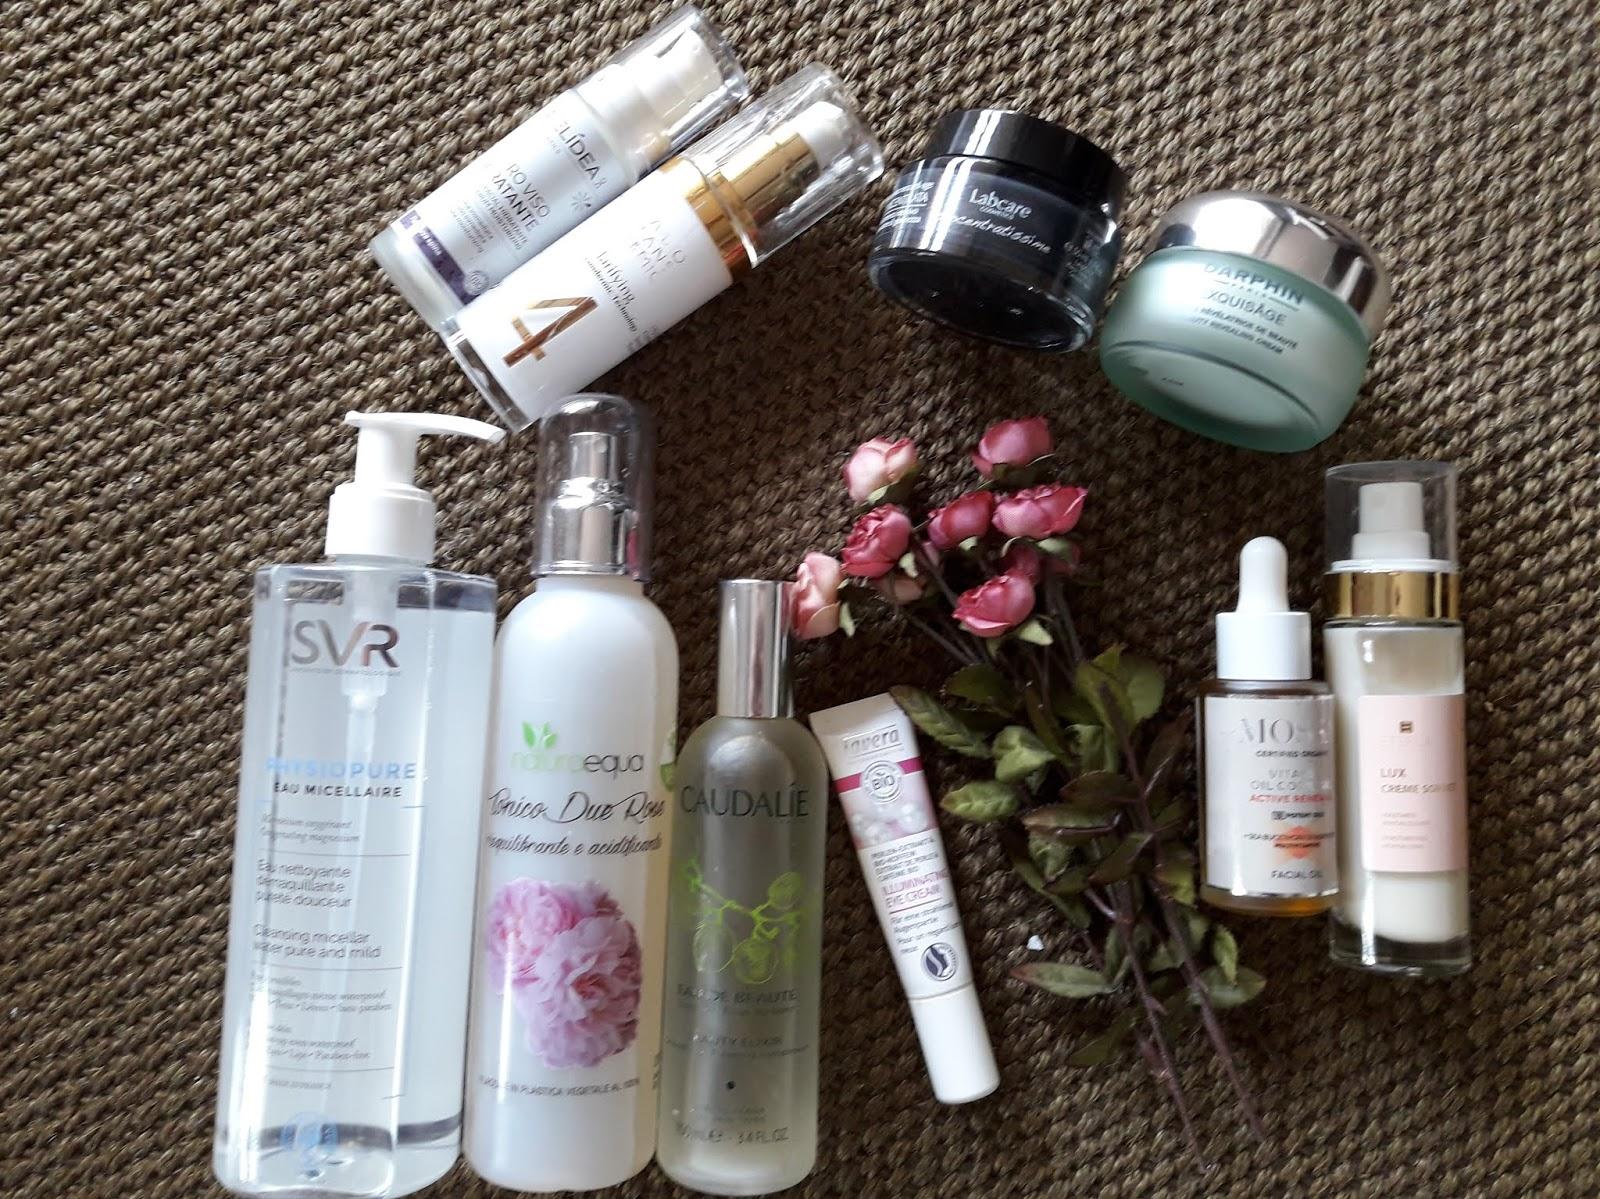 35a06f0ca4b8 10 prodotti beauty per iniziare l'autunno al top - Saracosmesi